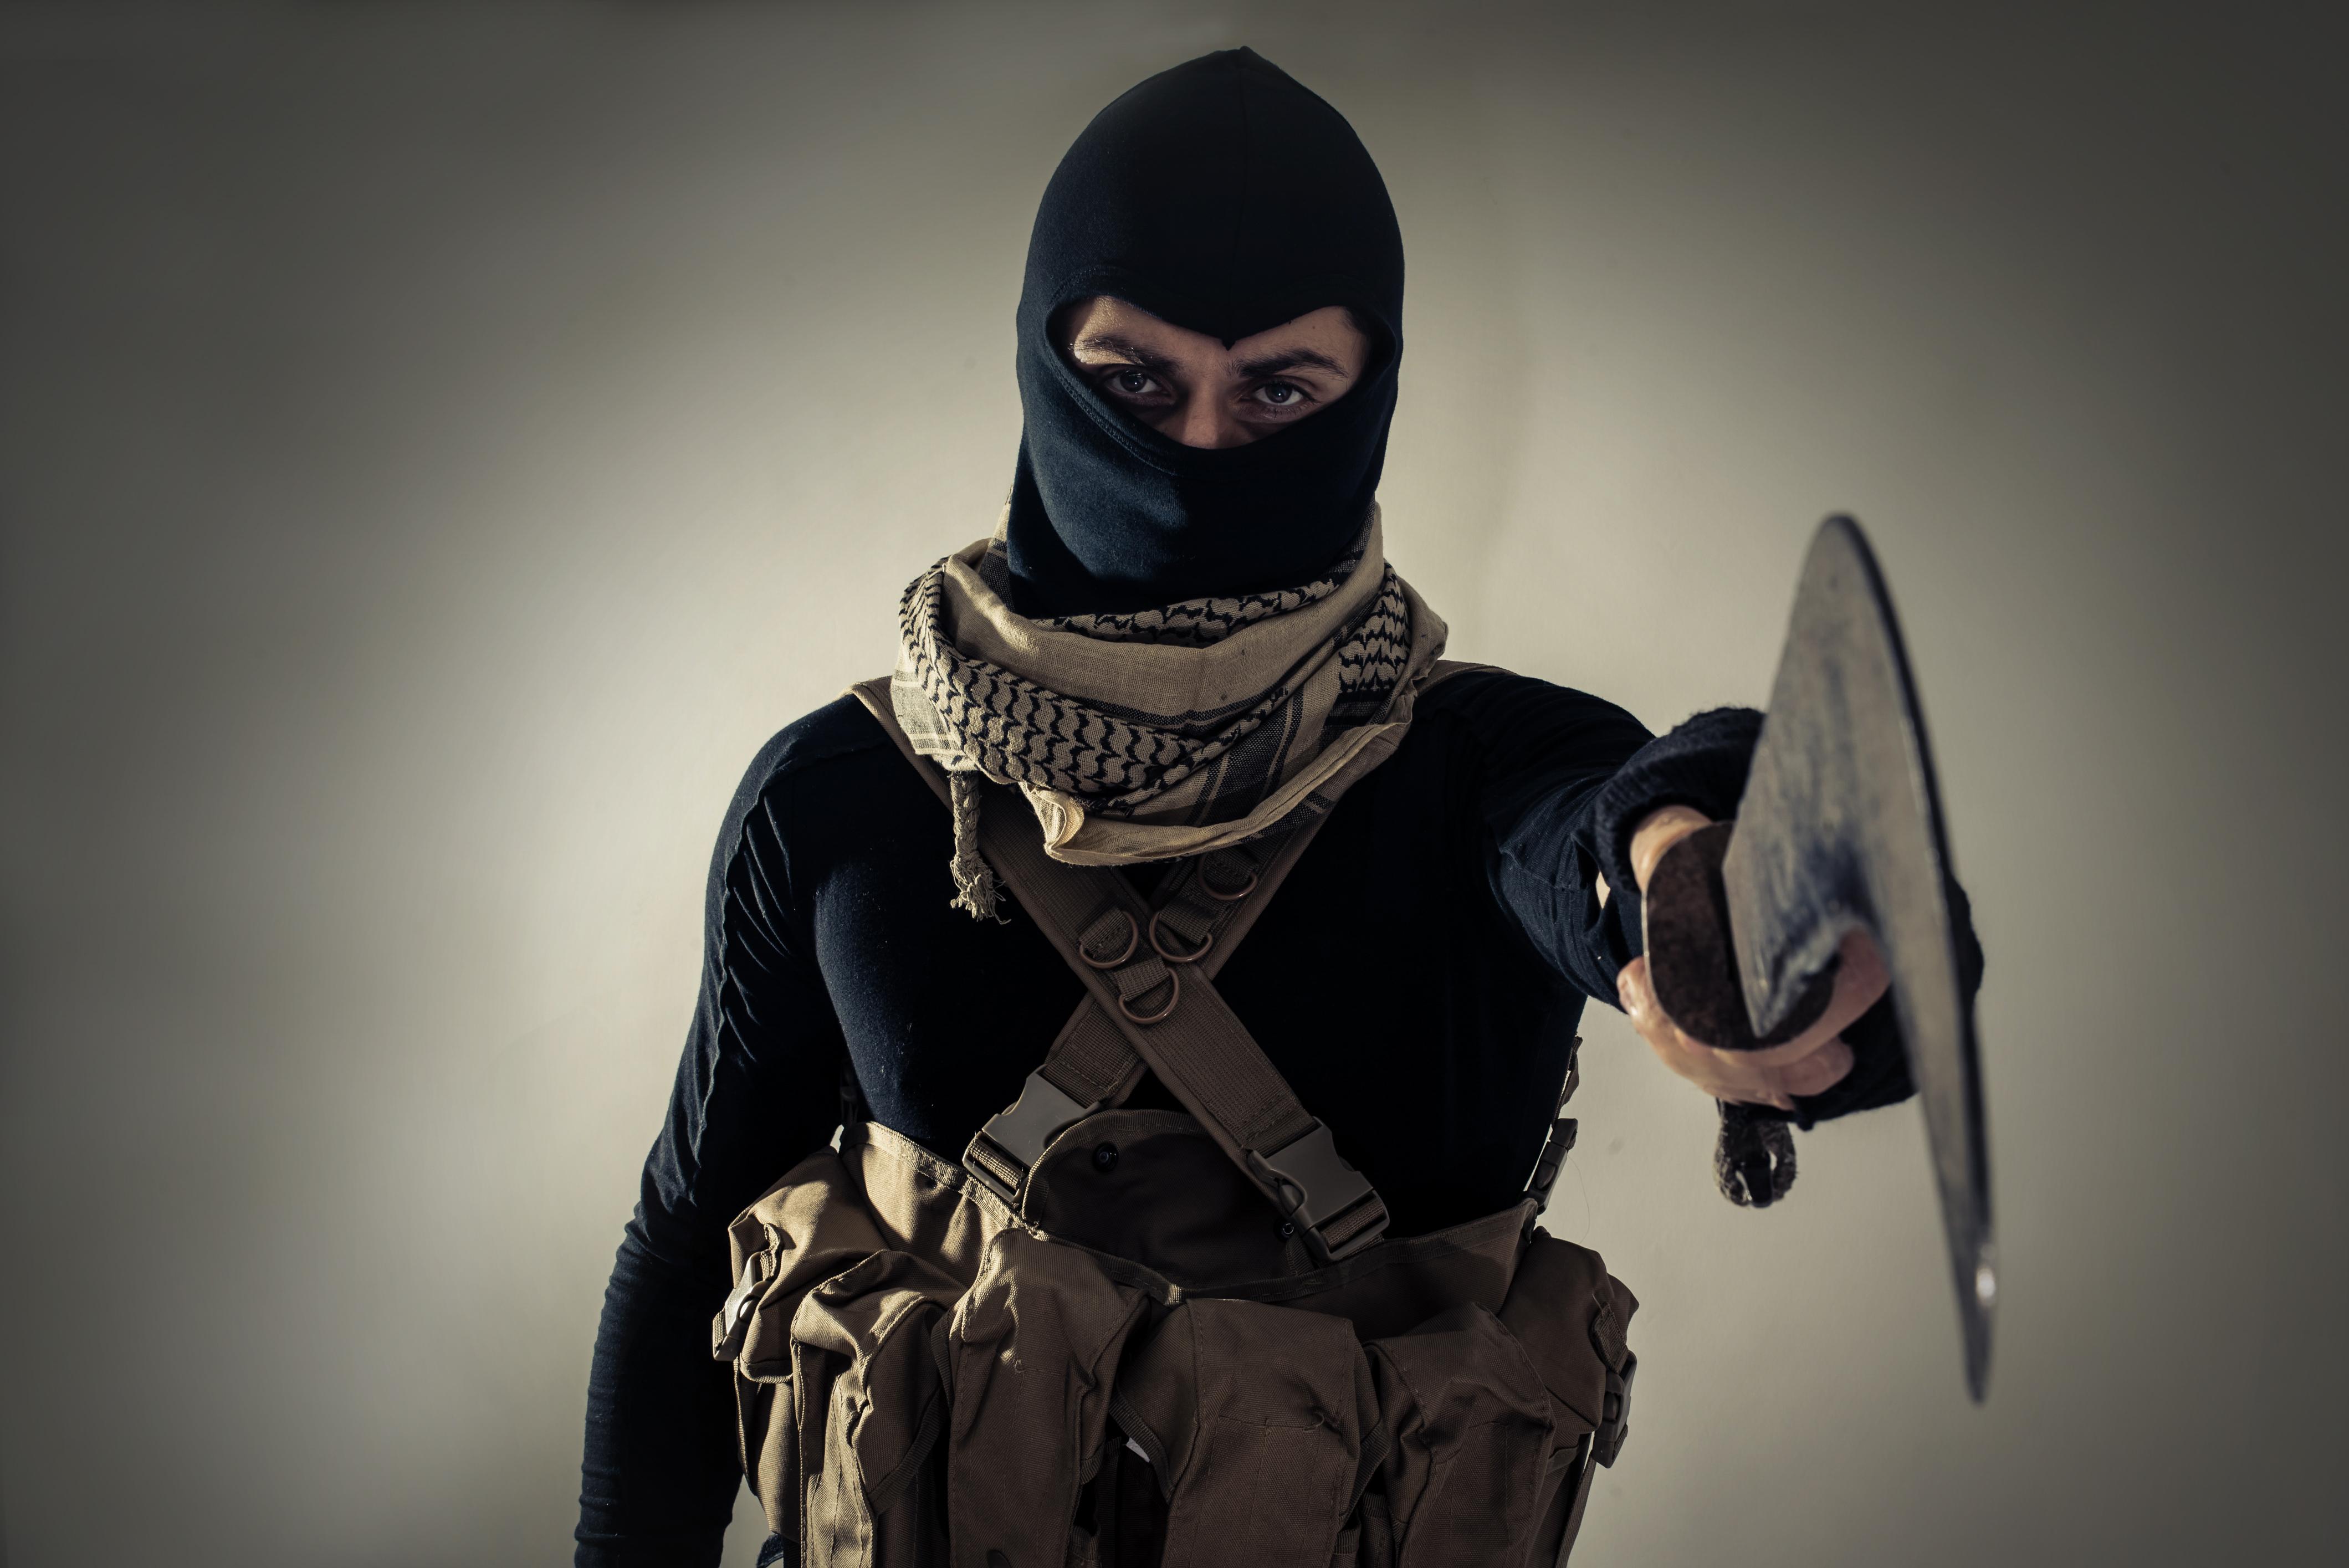 Cinci lideri ai Statului Islamic au furat milioane de dolari de la jihadisti. Pedeapsa care-i asteapta daca vor fi prinsi